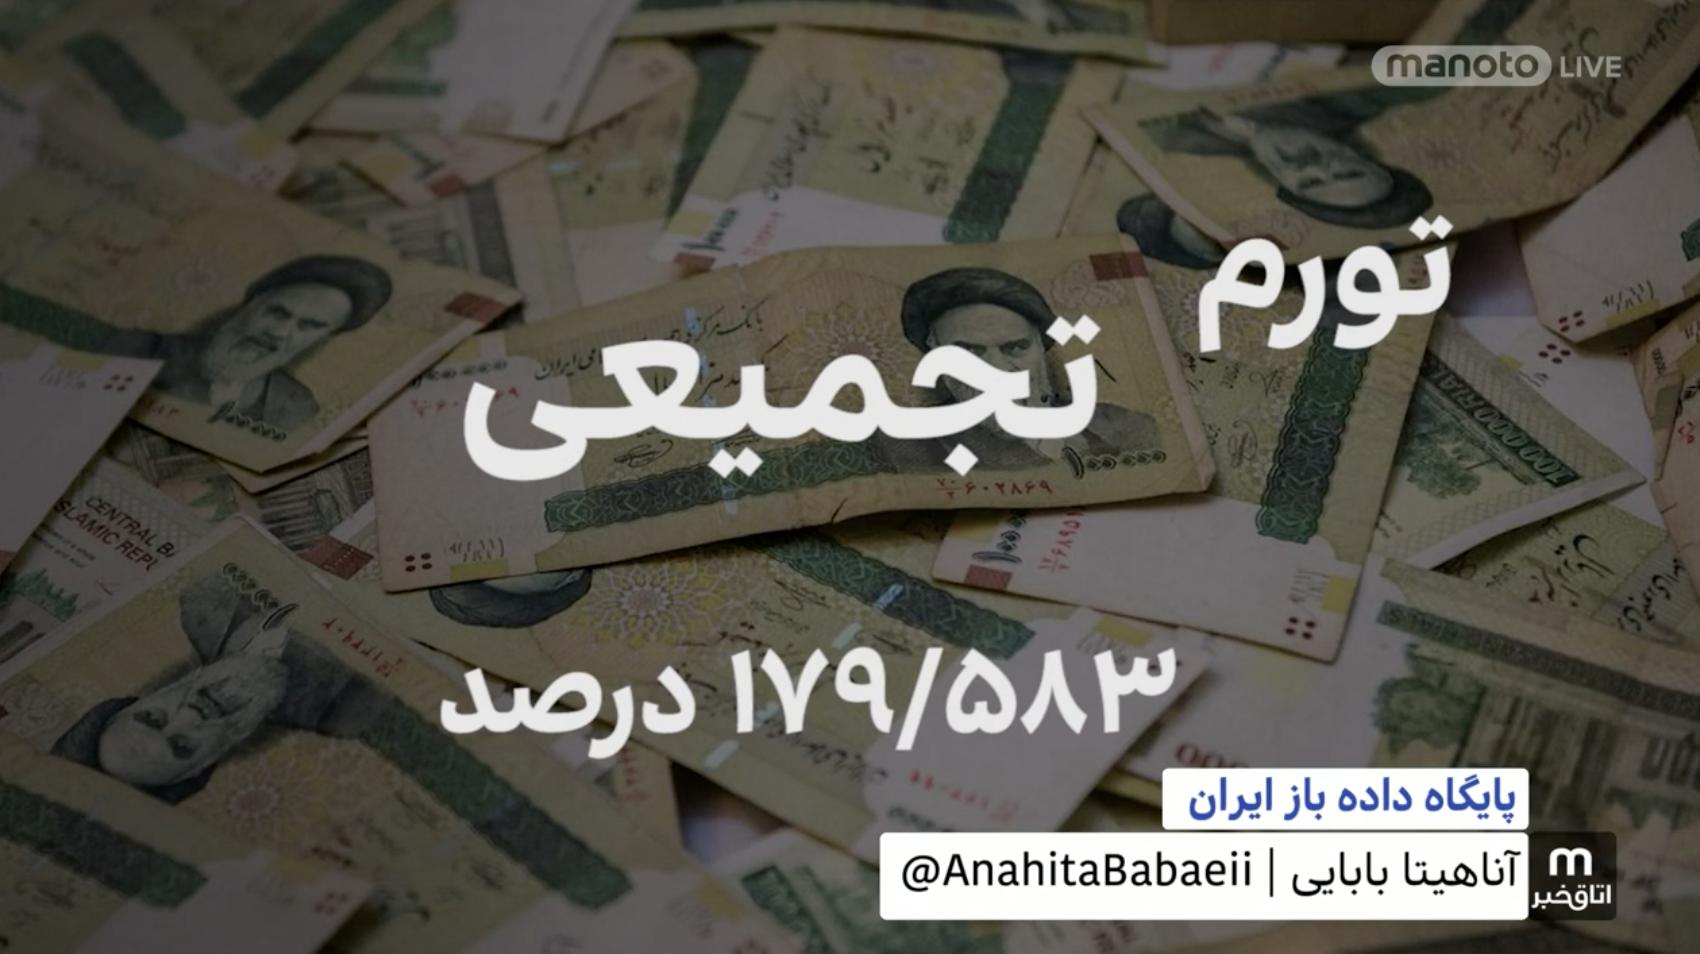 دست آورد انقلاب اسلامی: تورم ۱۸۰ هزار درصدی